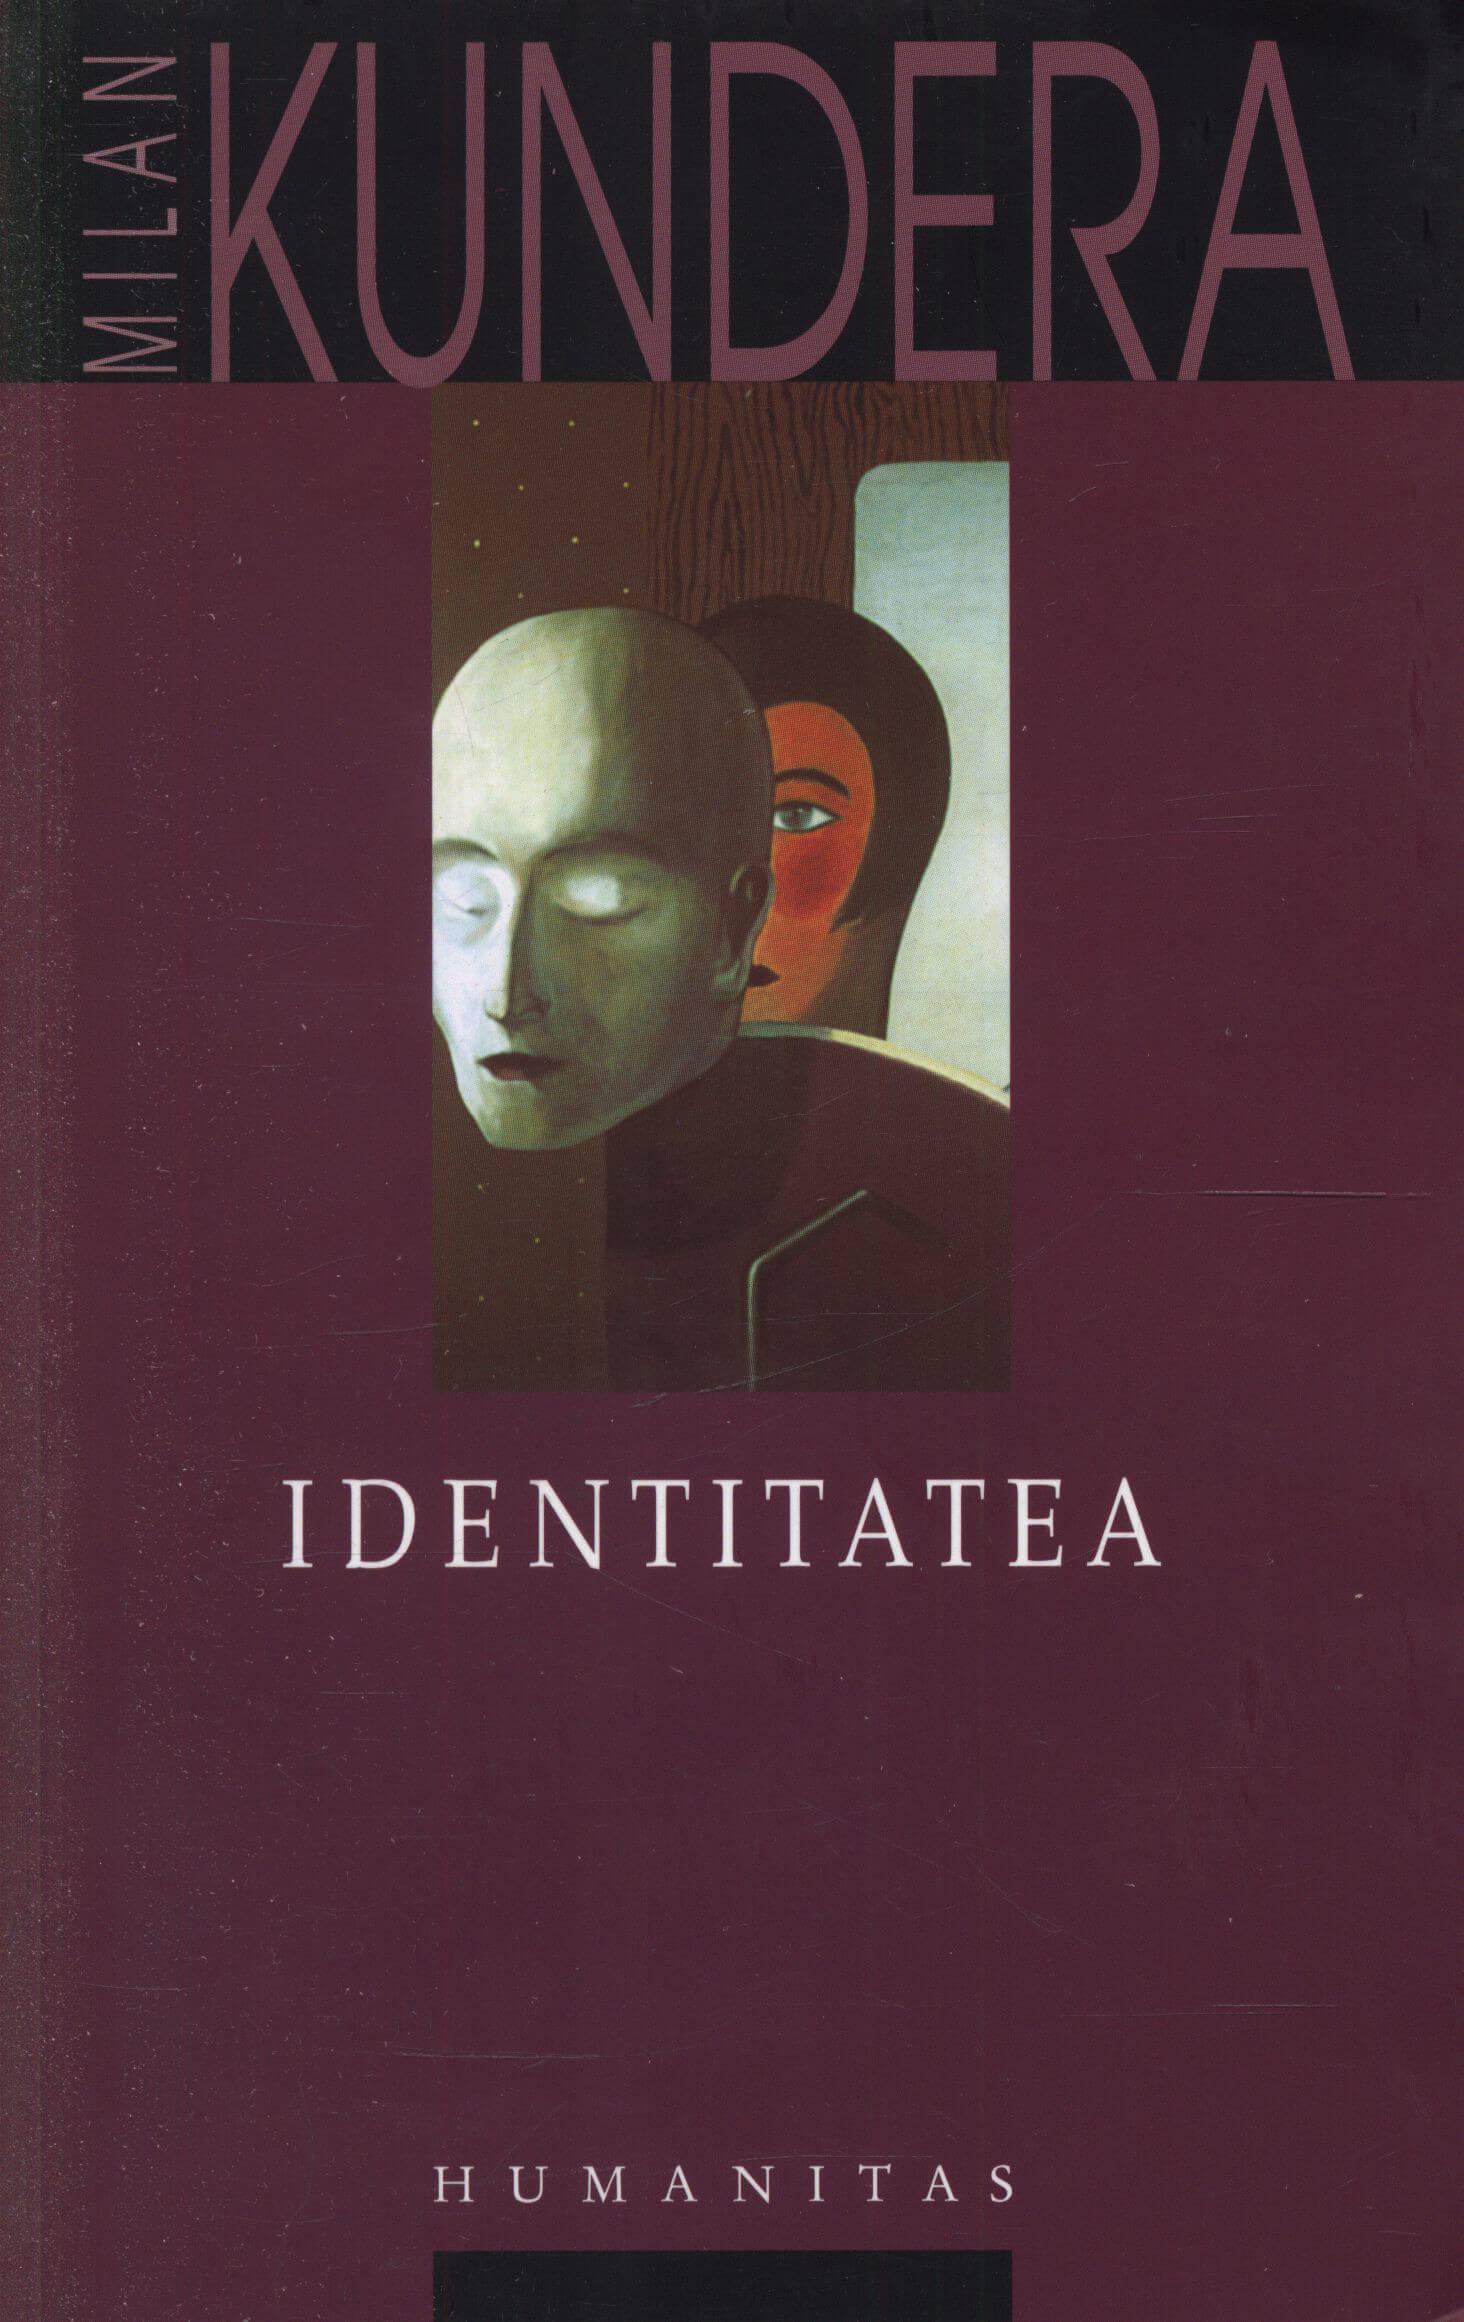 identitatea